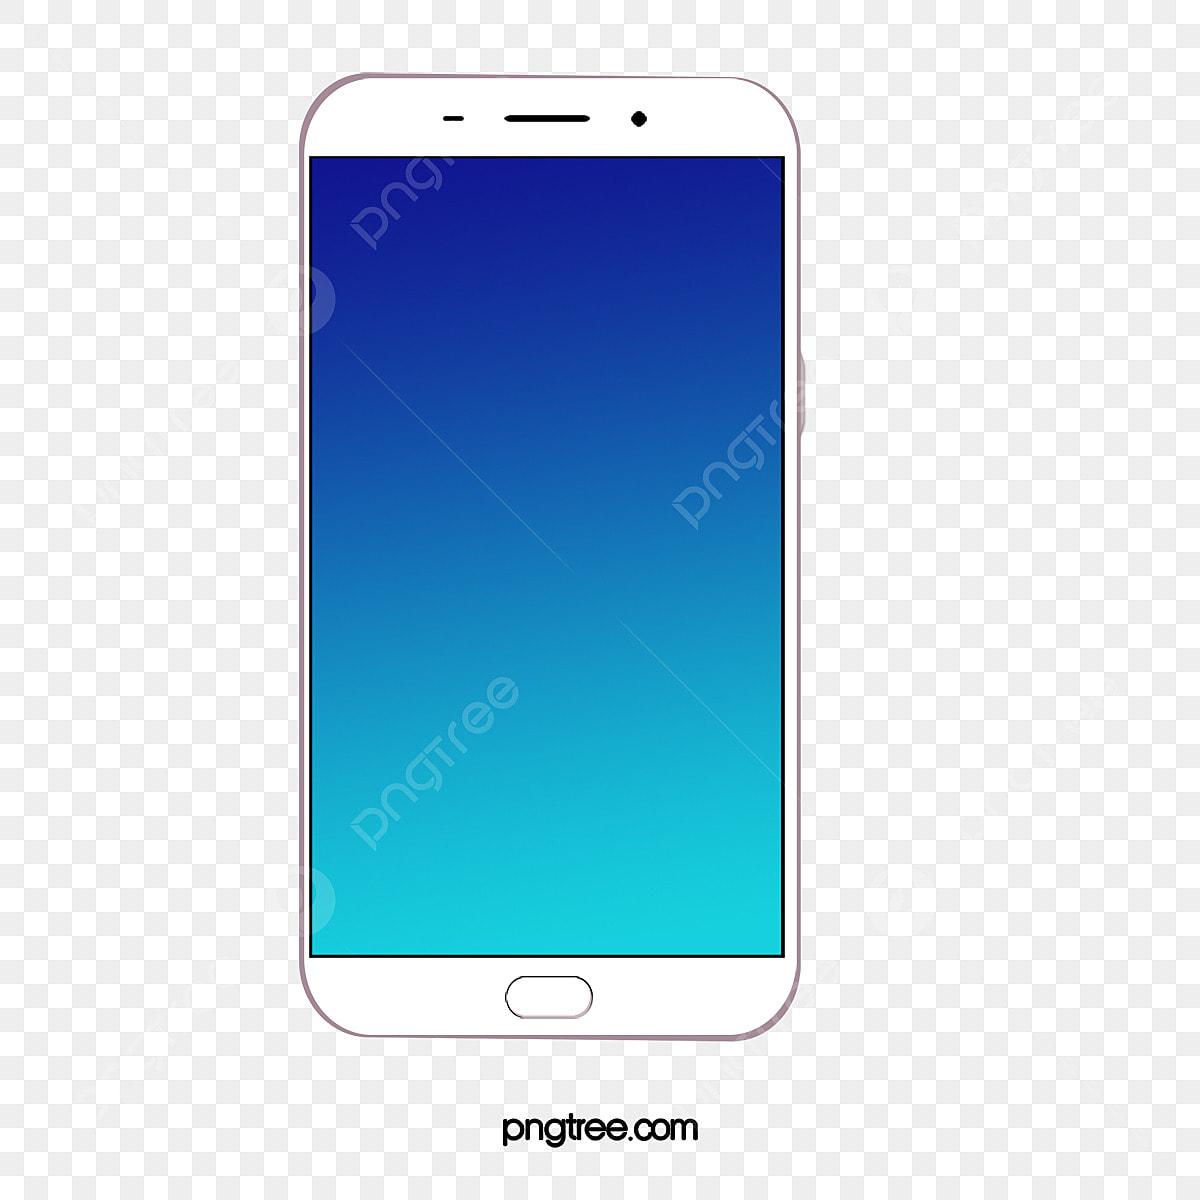 無料ダウンロードのためのoppo携帯 大橋卓弥 携帯電話 新型png画像素材